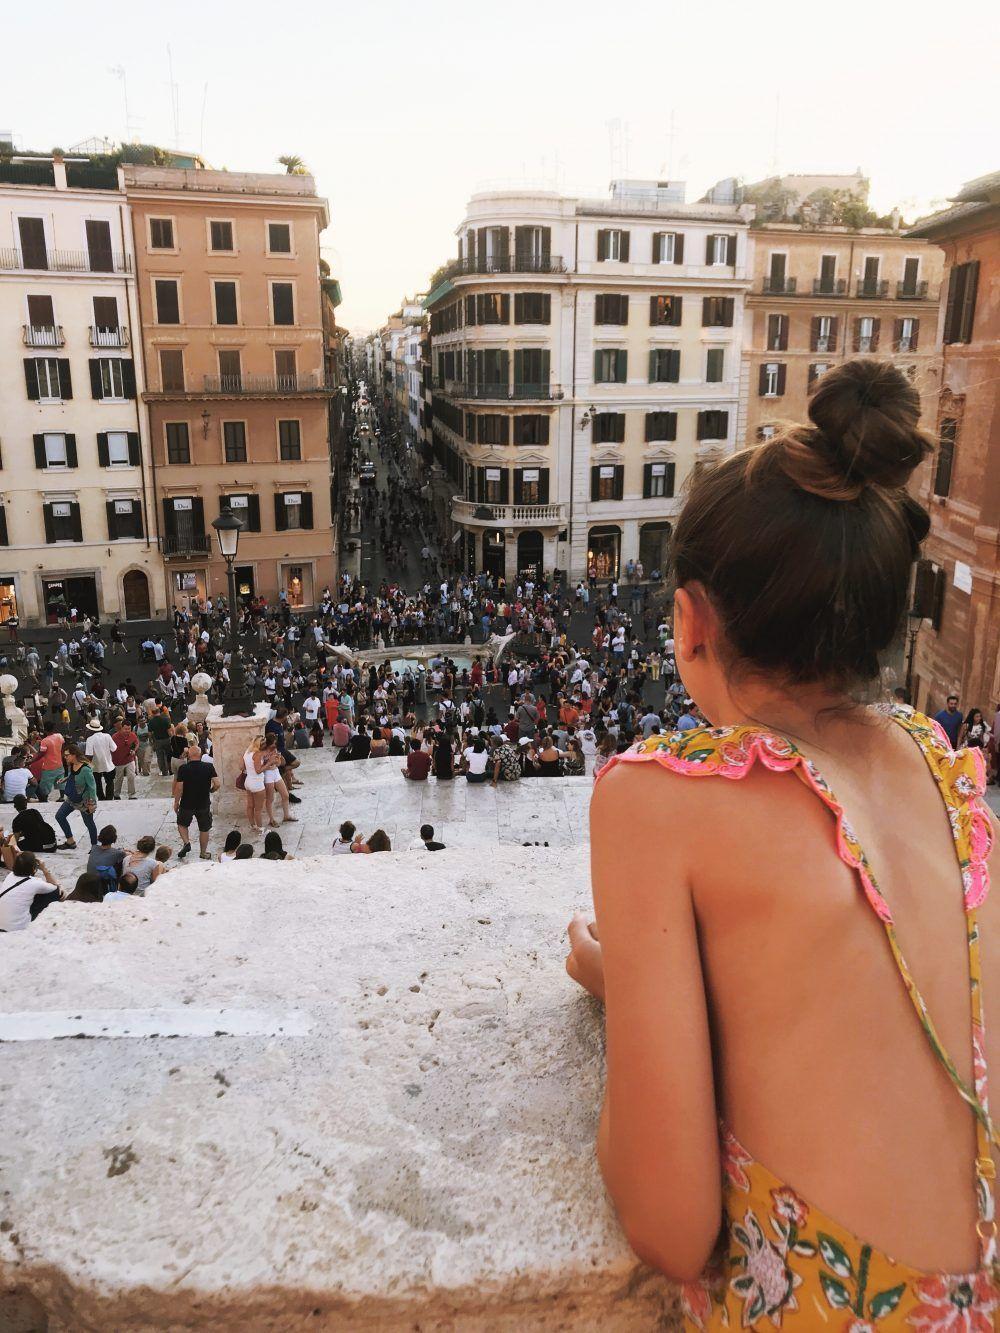 Roma, plaza españa